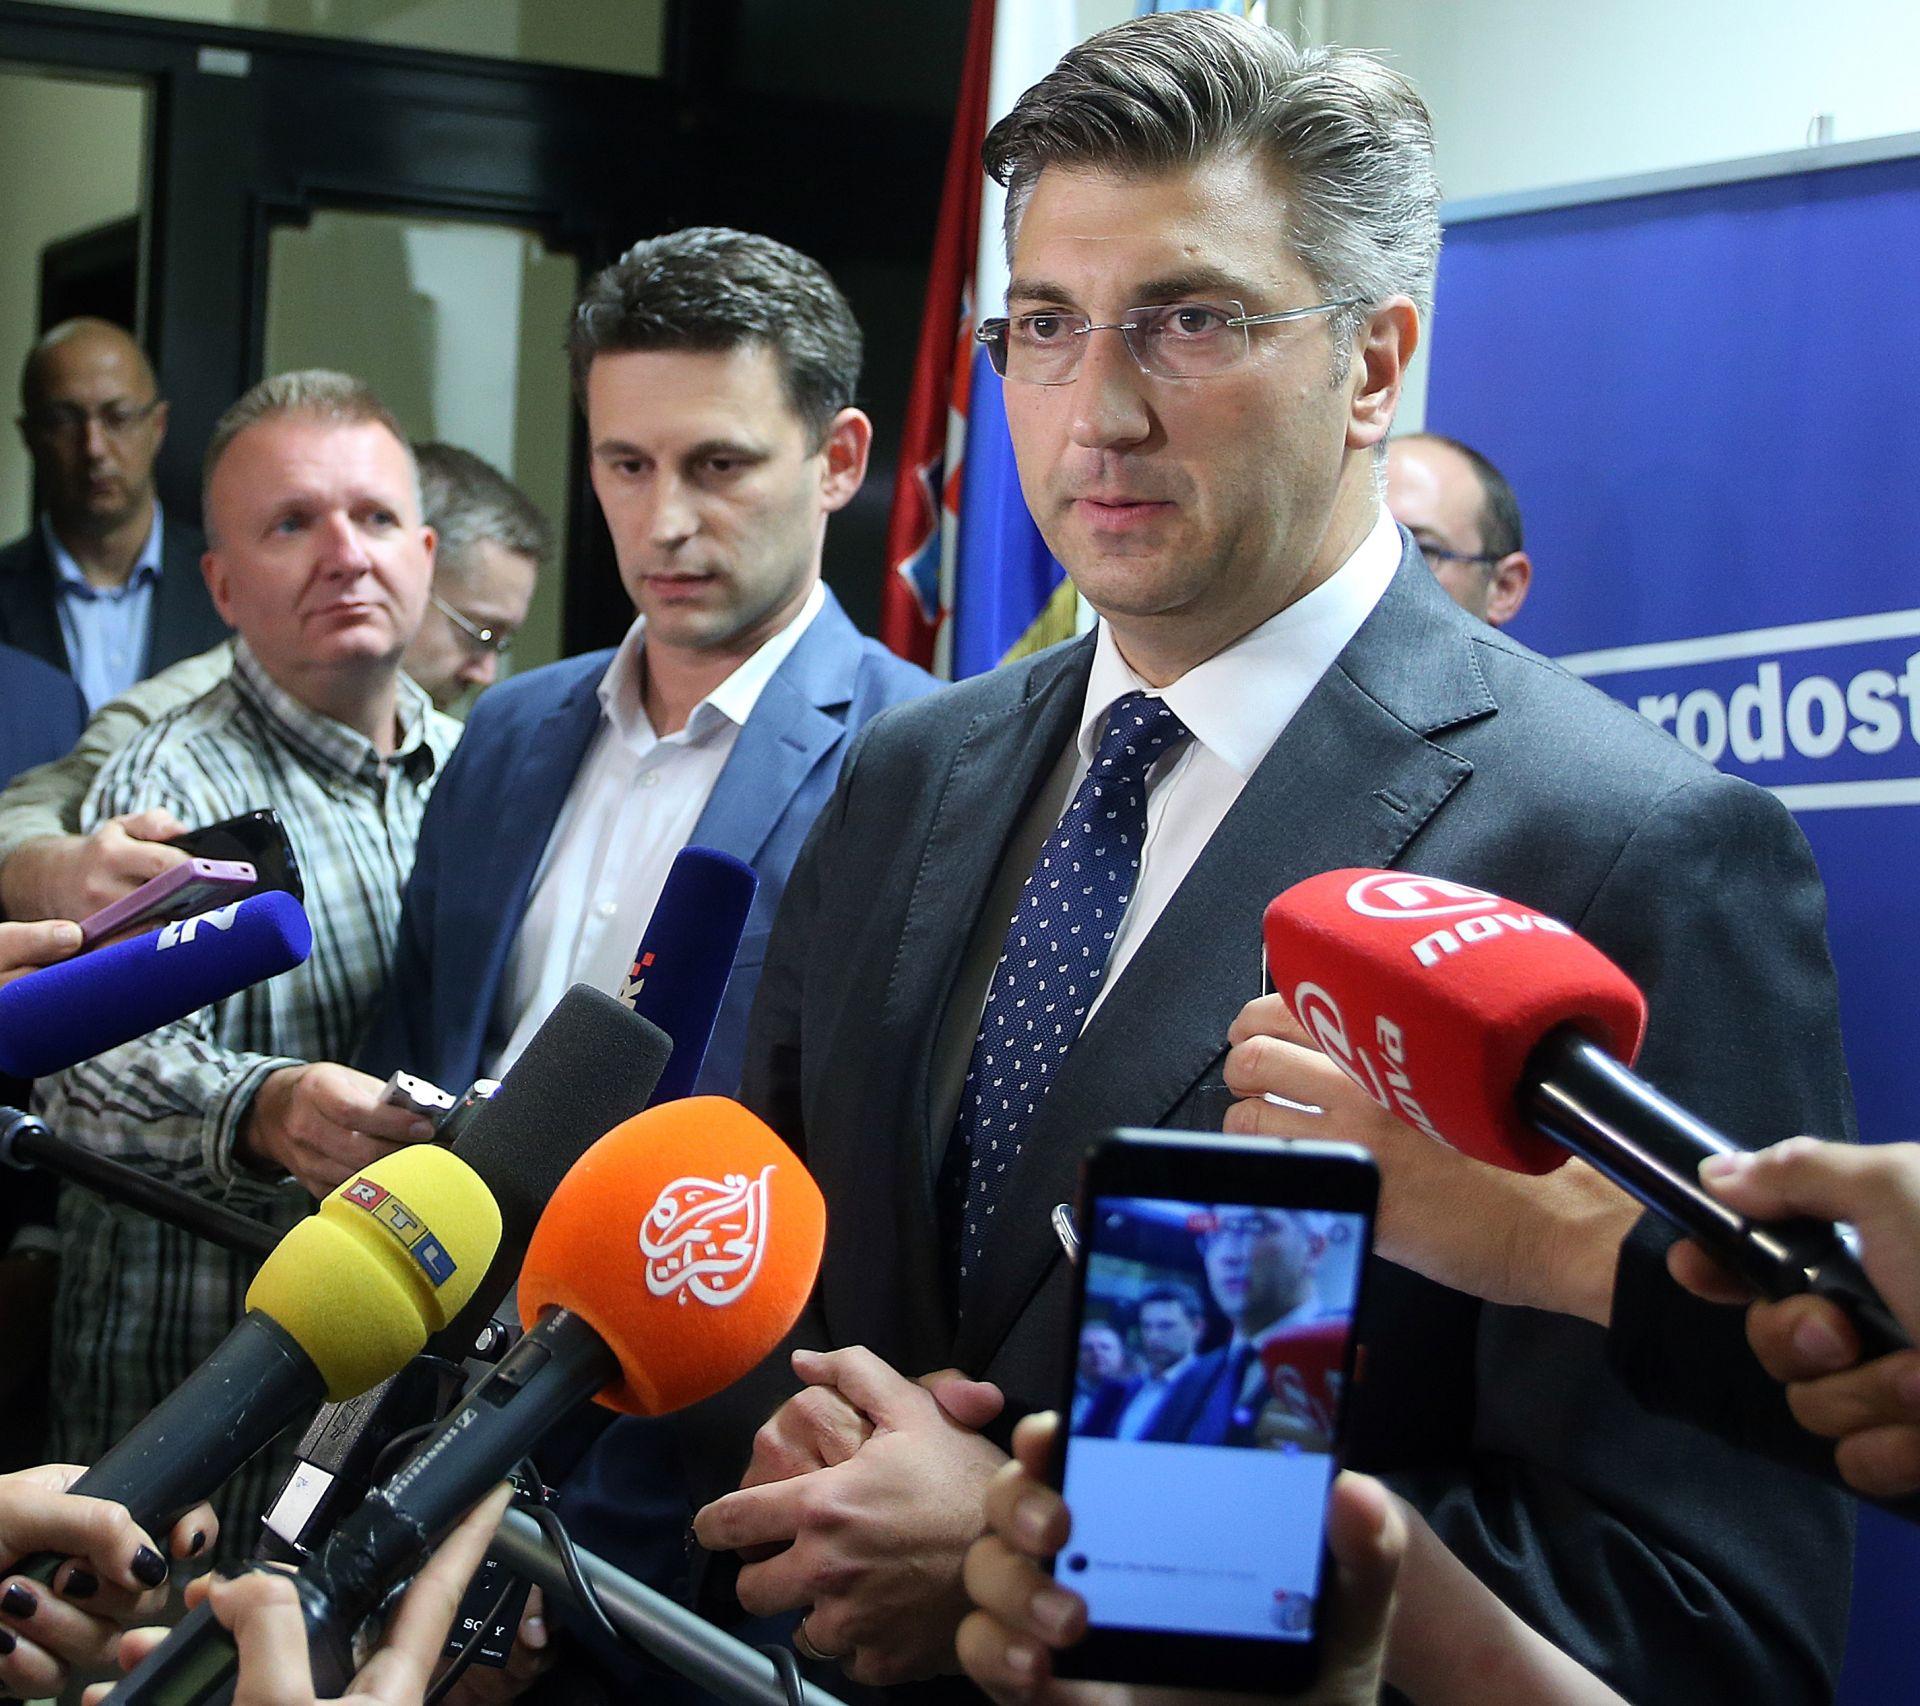 PLENKOVIĆ: 'Problemi na Filozofskom fakultetu trebaju se riješiti u okviru zakona'